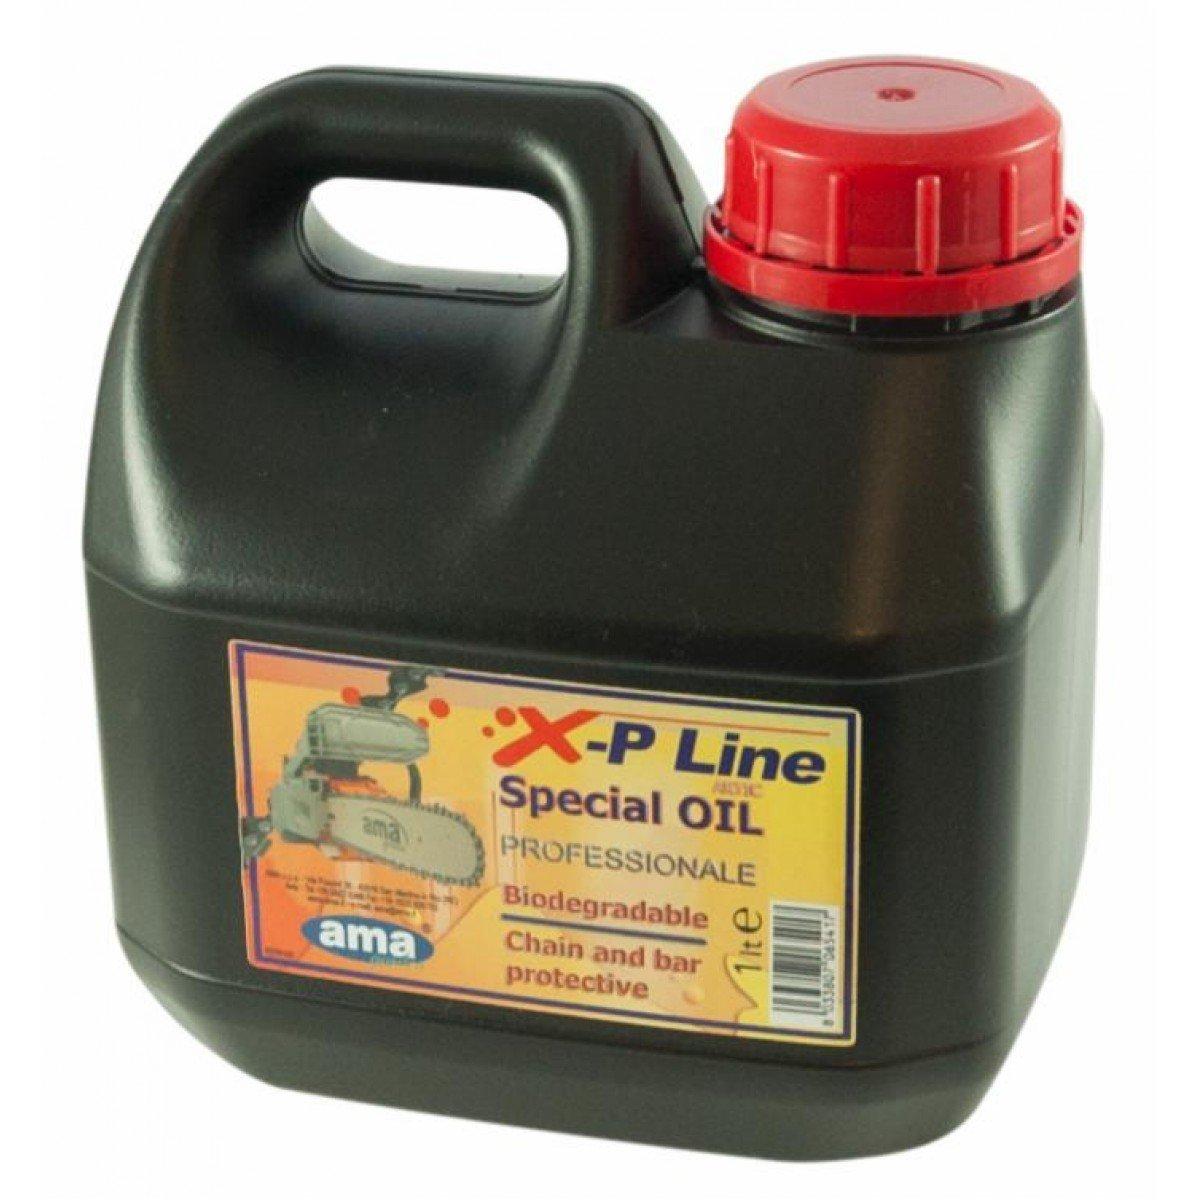 Aceite de protección profesional para cadena Xp-Line Artic 1 lt de ...